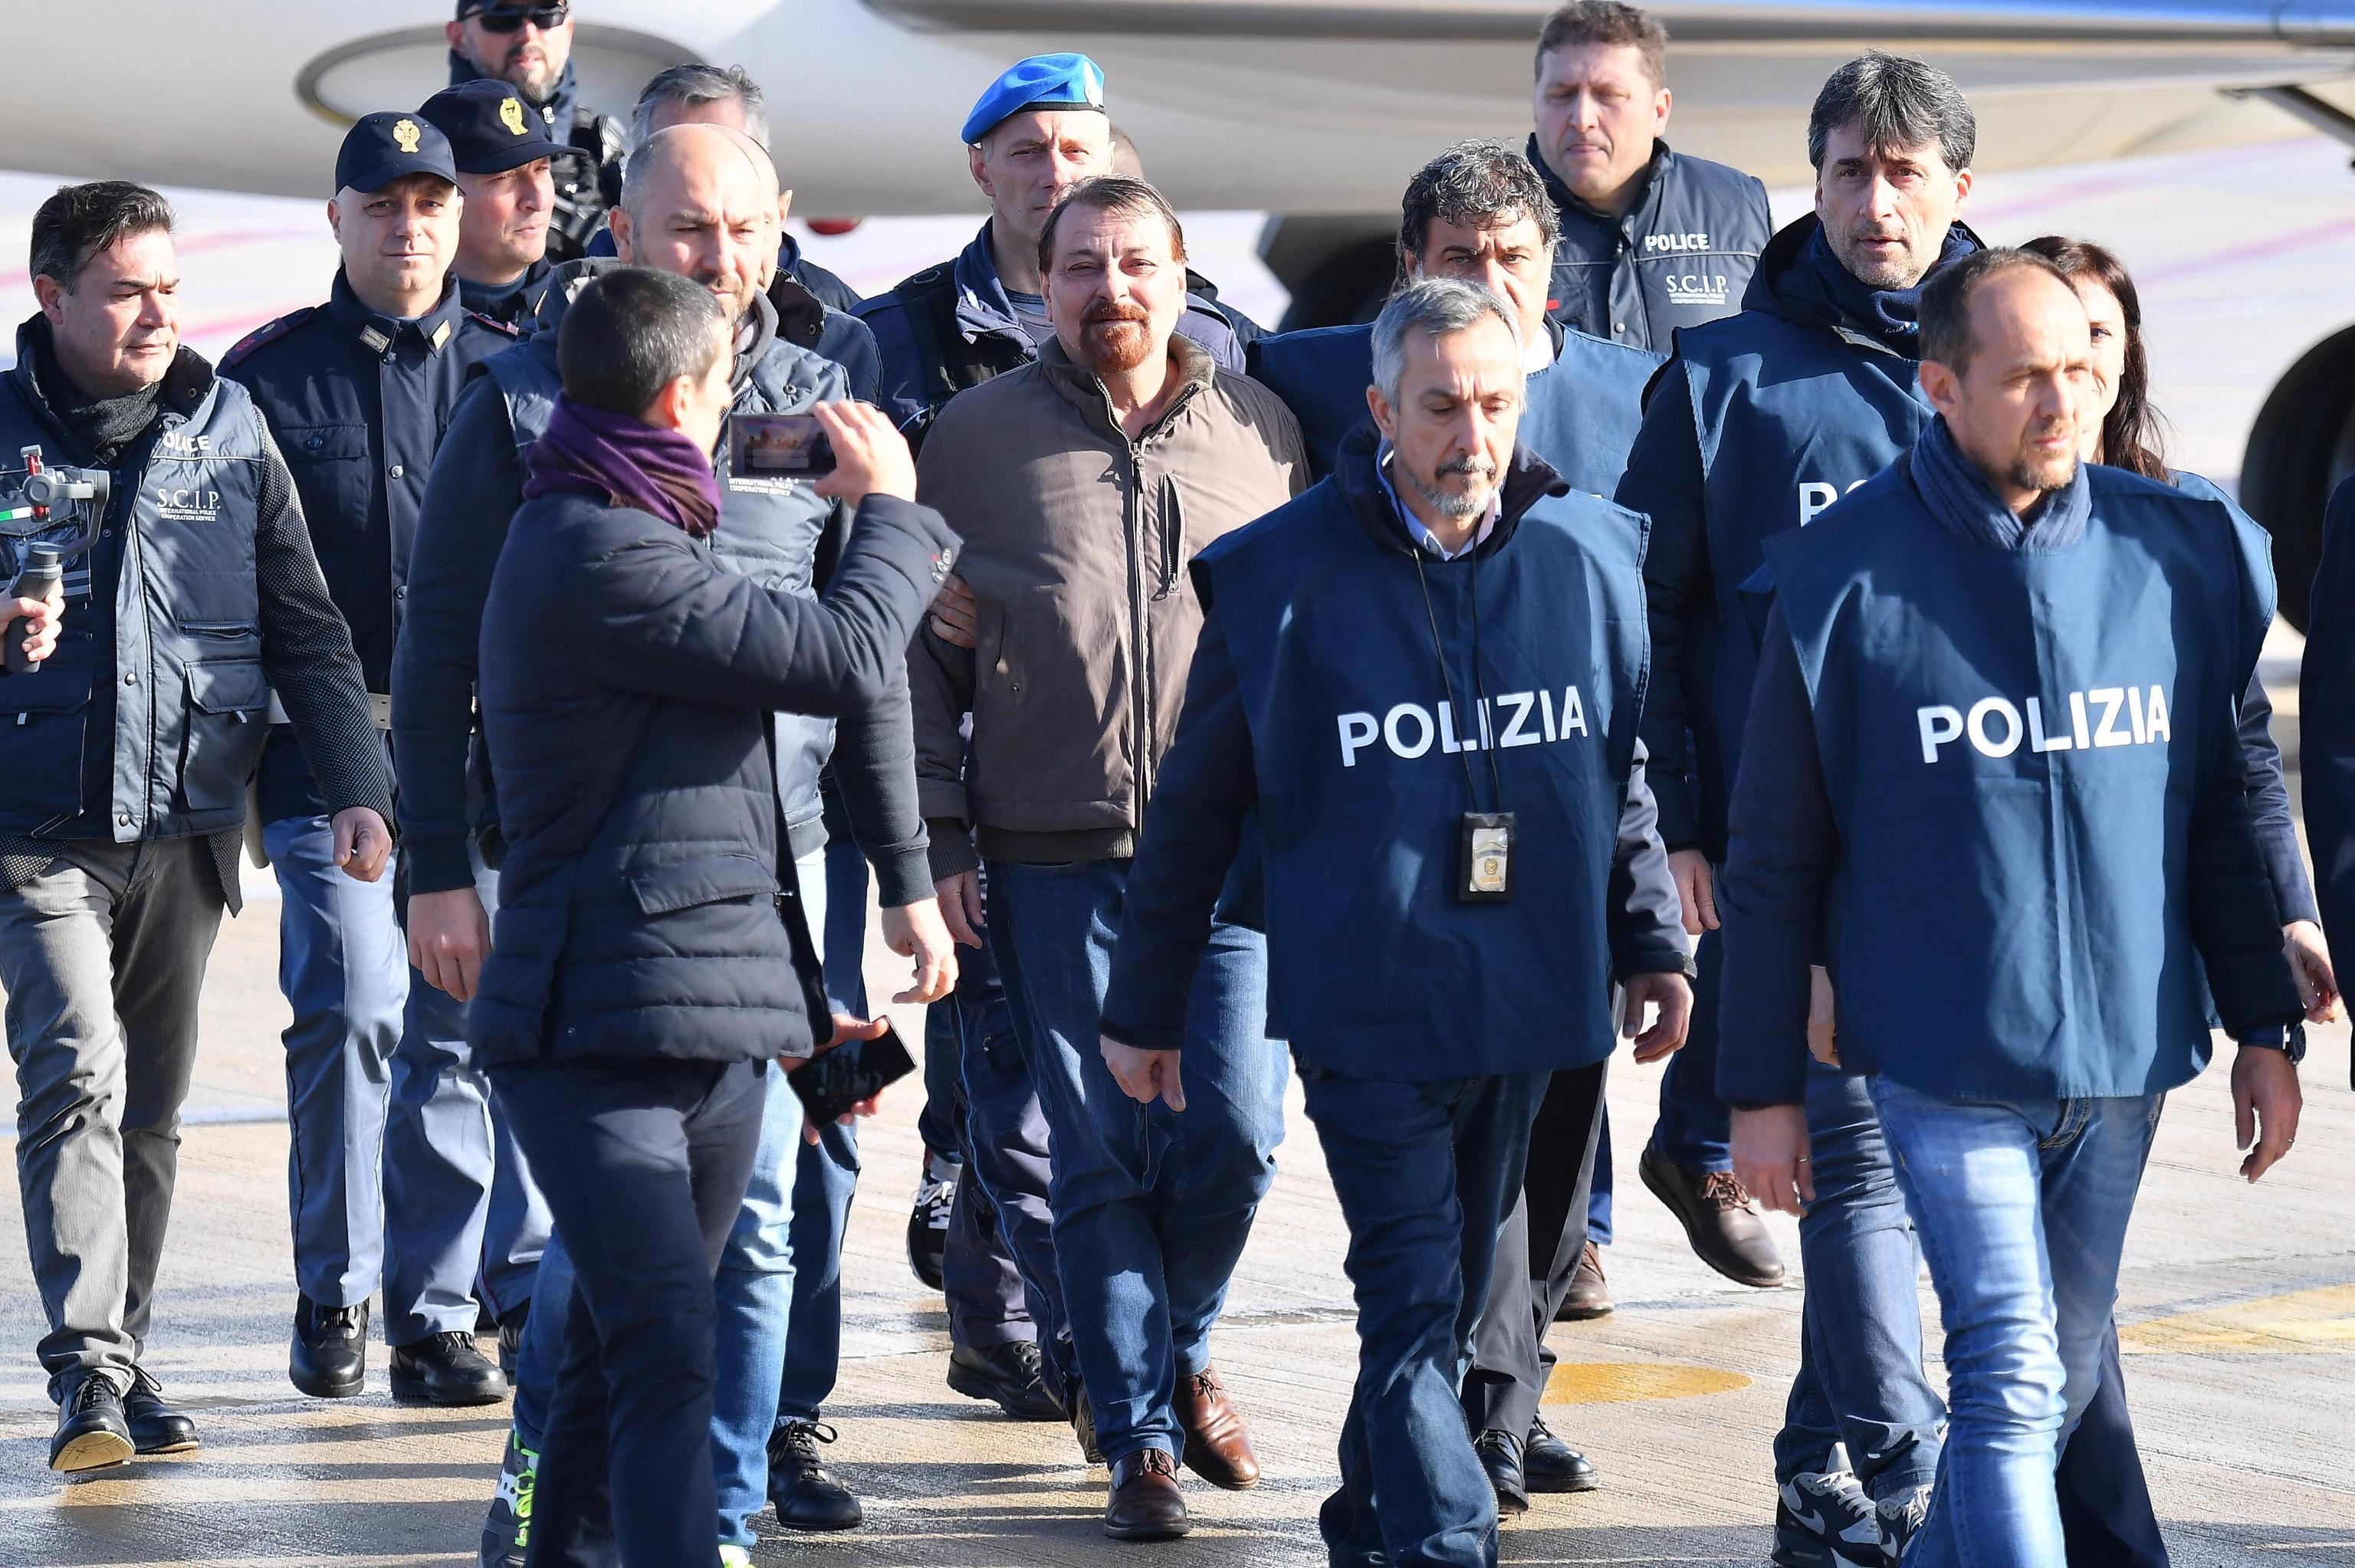 Cesare Battisti, appena sbarcato in Italia, viene scortato dalla Polizia italiana.